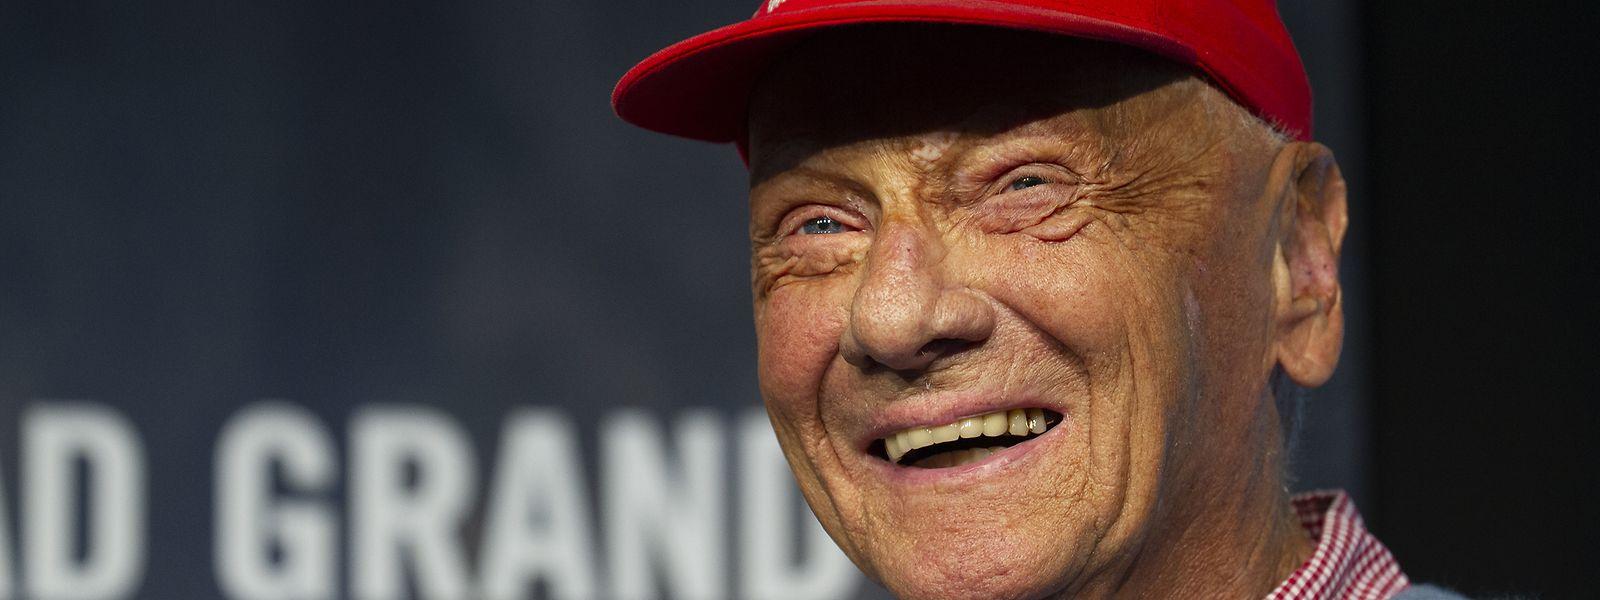 Niki Lauda est décédé le 20 mai 2019 à l'âge de 70 ans.